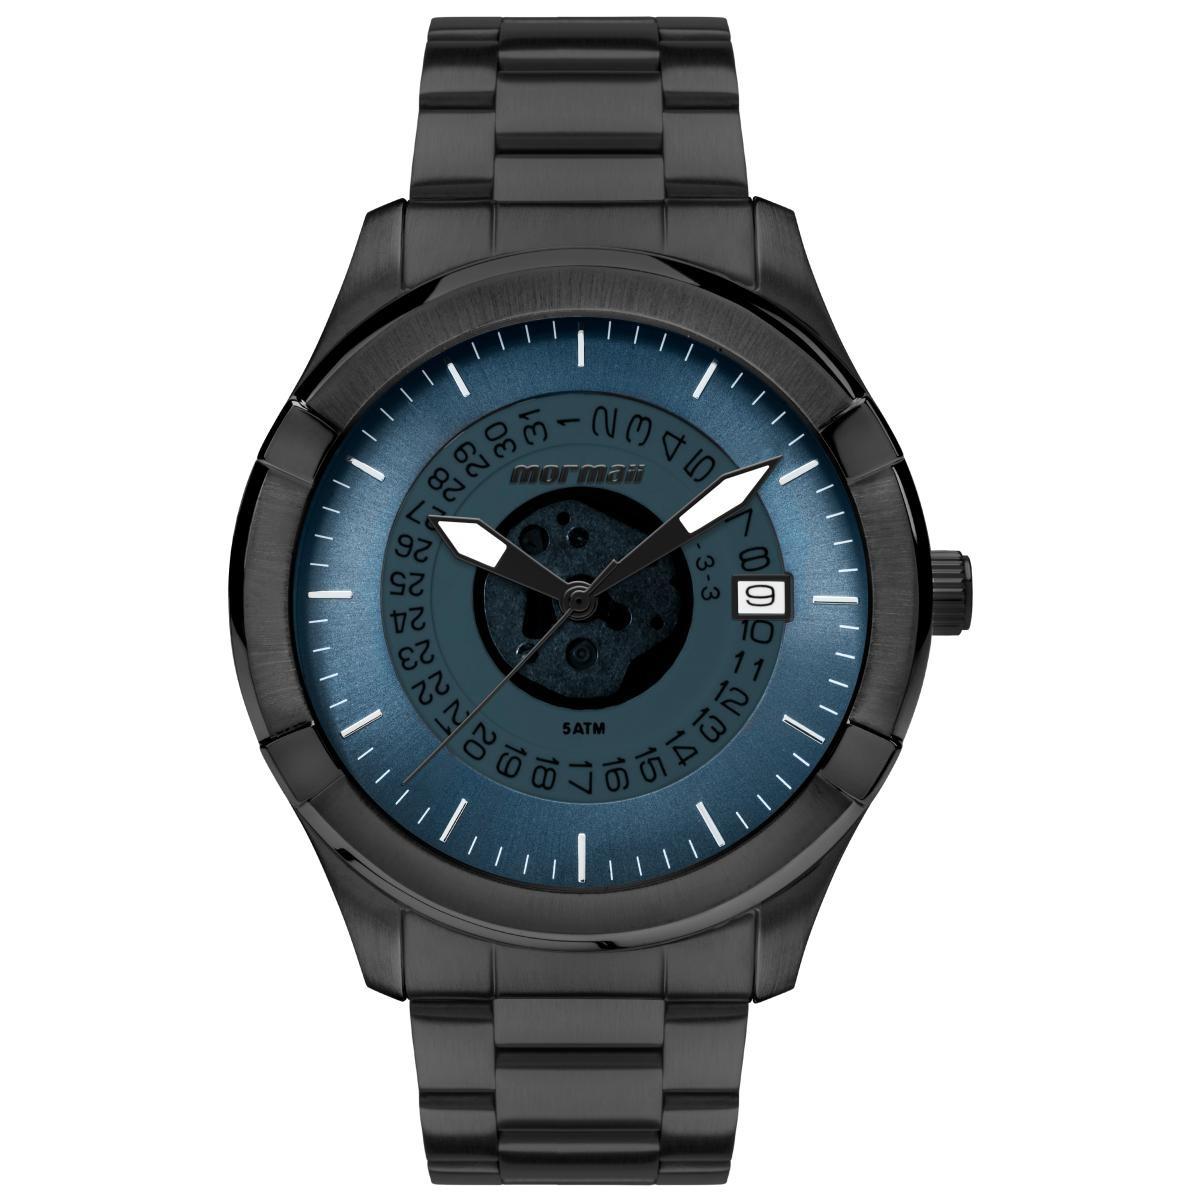 18e2f62eda25c Relógio Masculino Mormaii Mo2415ac 4a 48mm Aço Preto - R  255